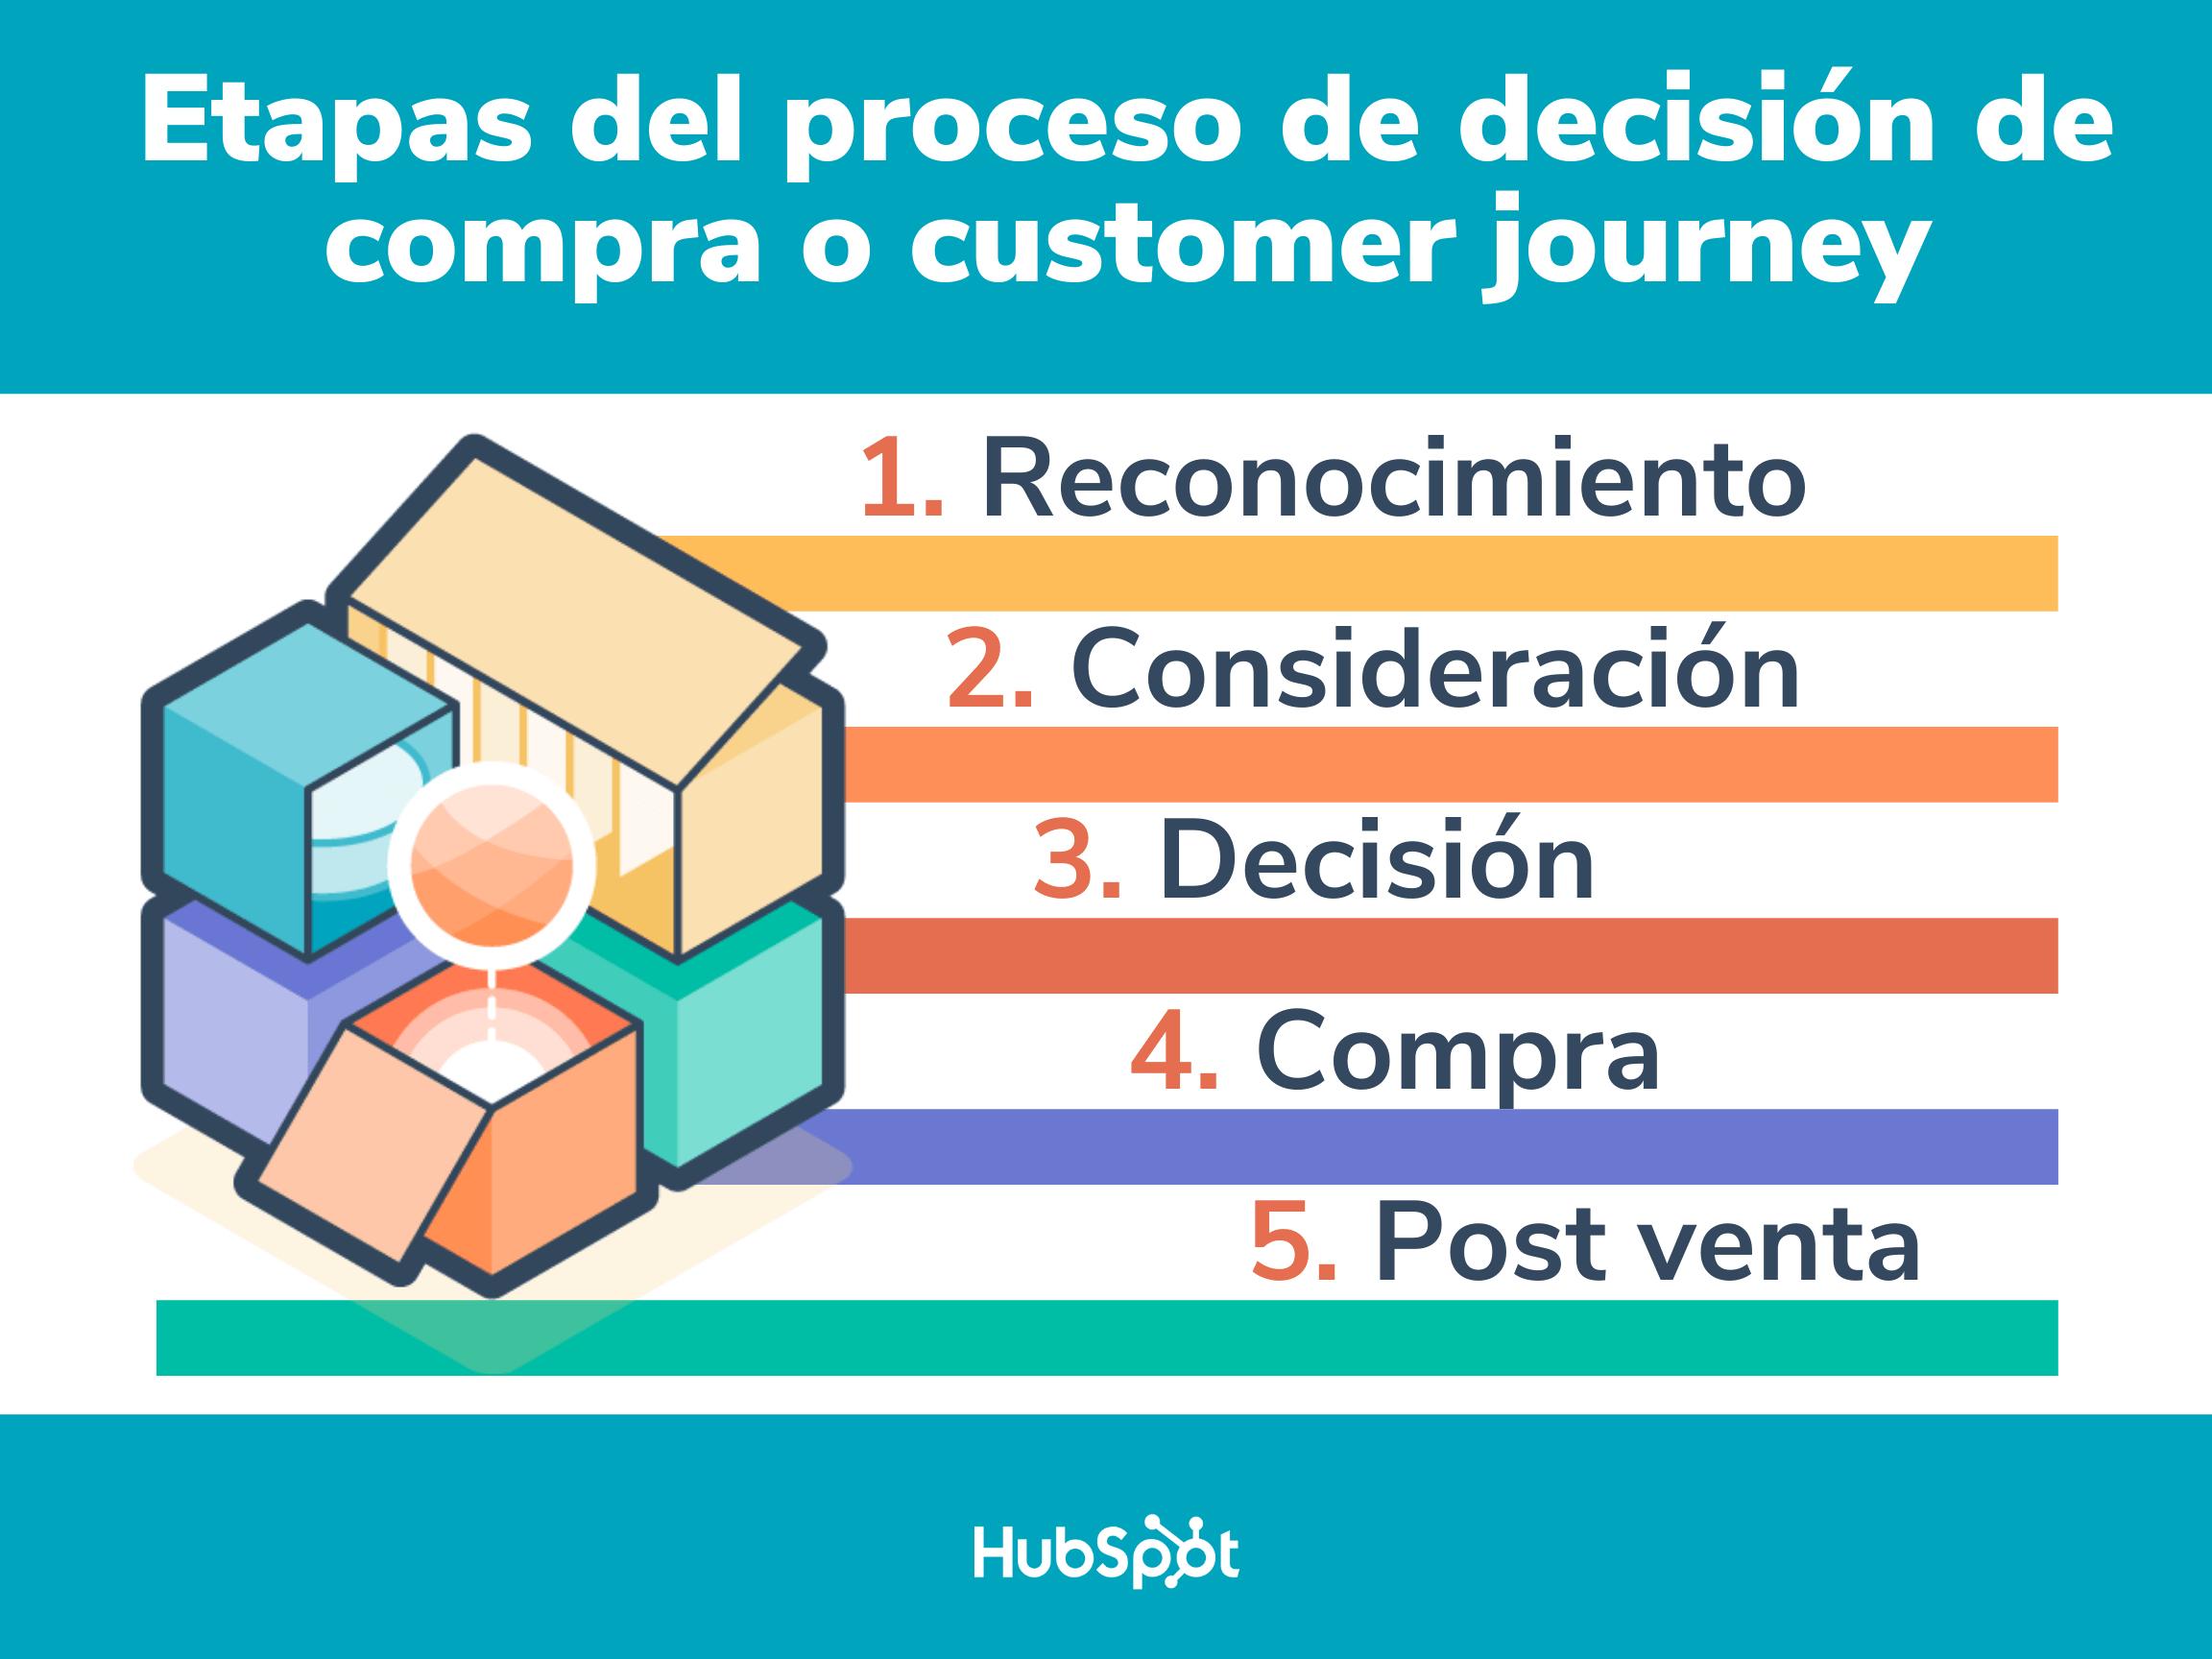 Etapas del proceso de decisión de compra o customer journey